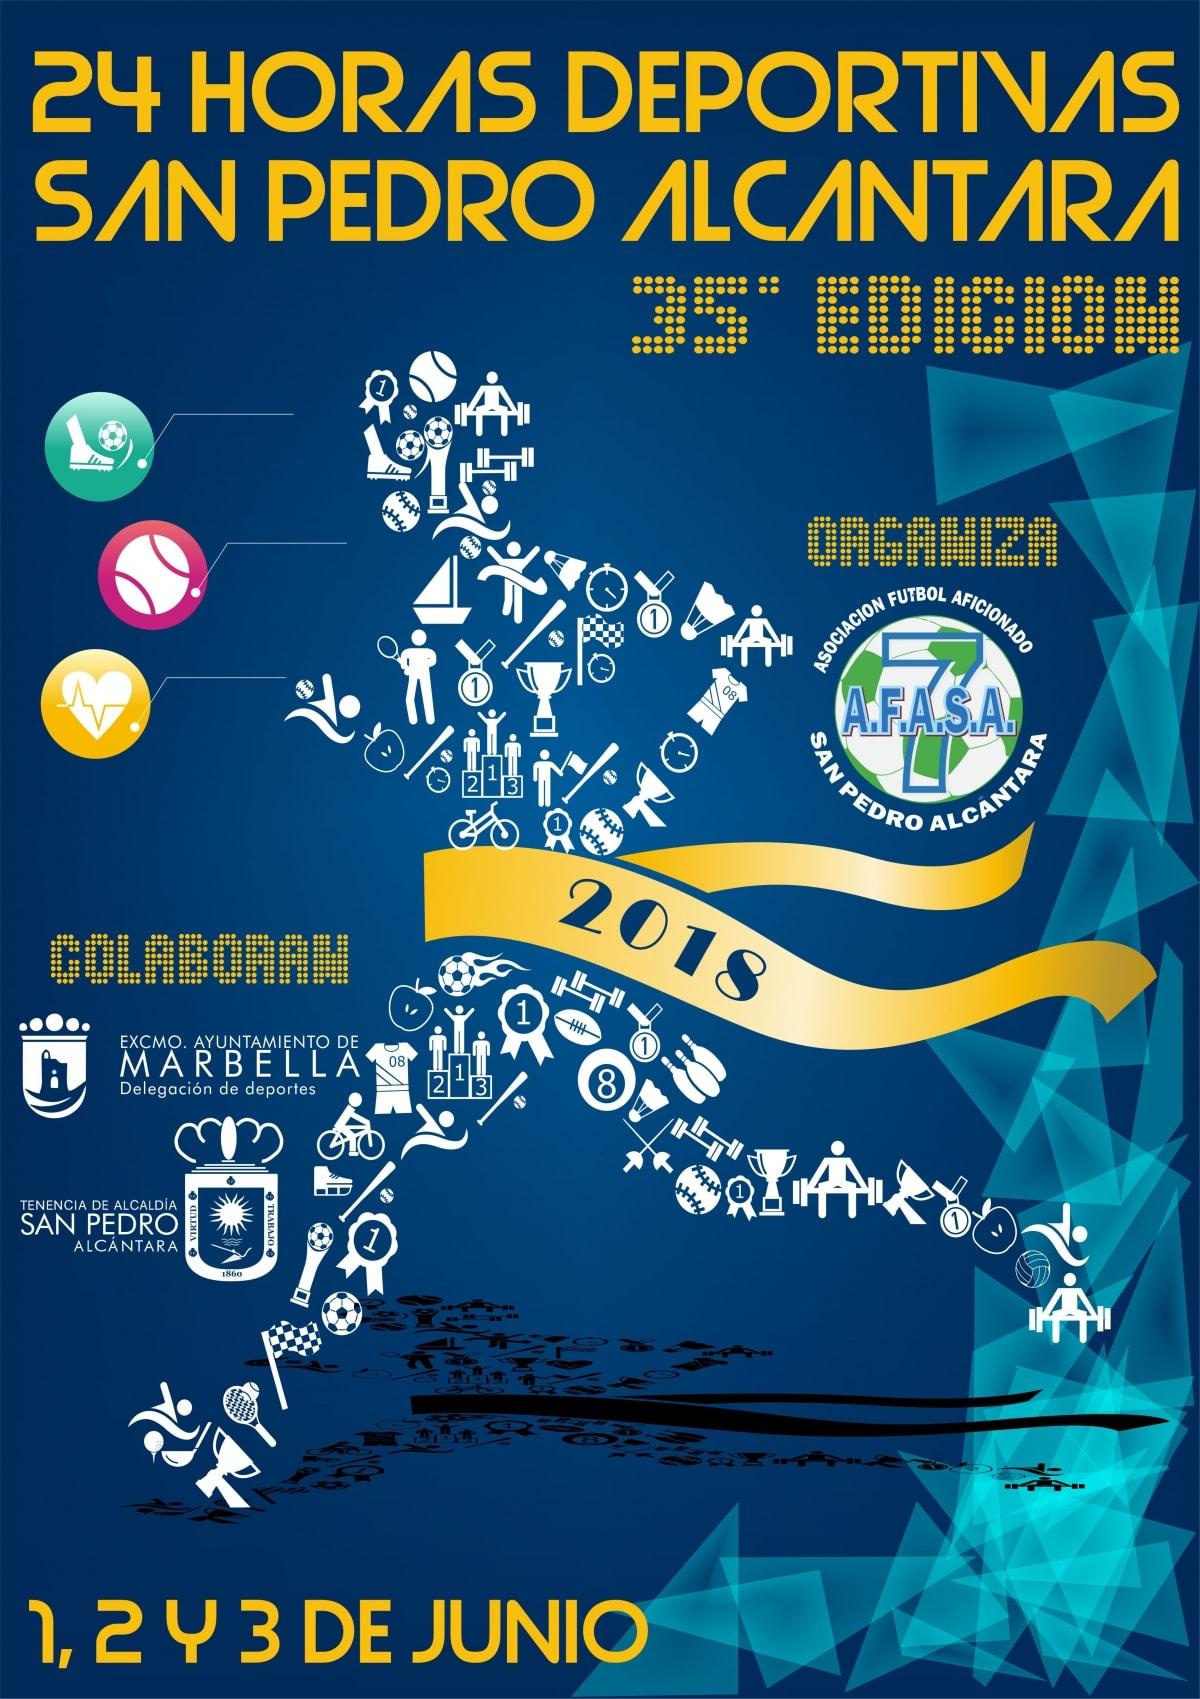 San Pedro Alcántara celebrará la 35ª edición de las 24 Horas Deportivas del 1 al 3 de junio con una previsión de participación de 3.000 deportistas